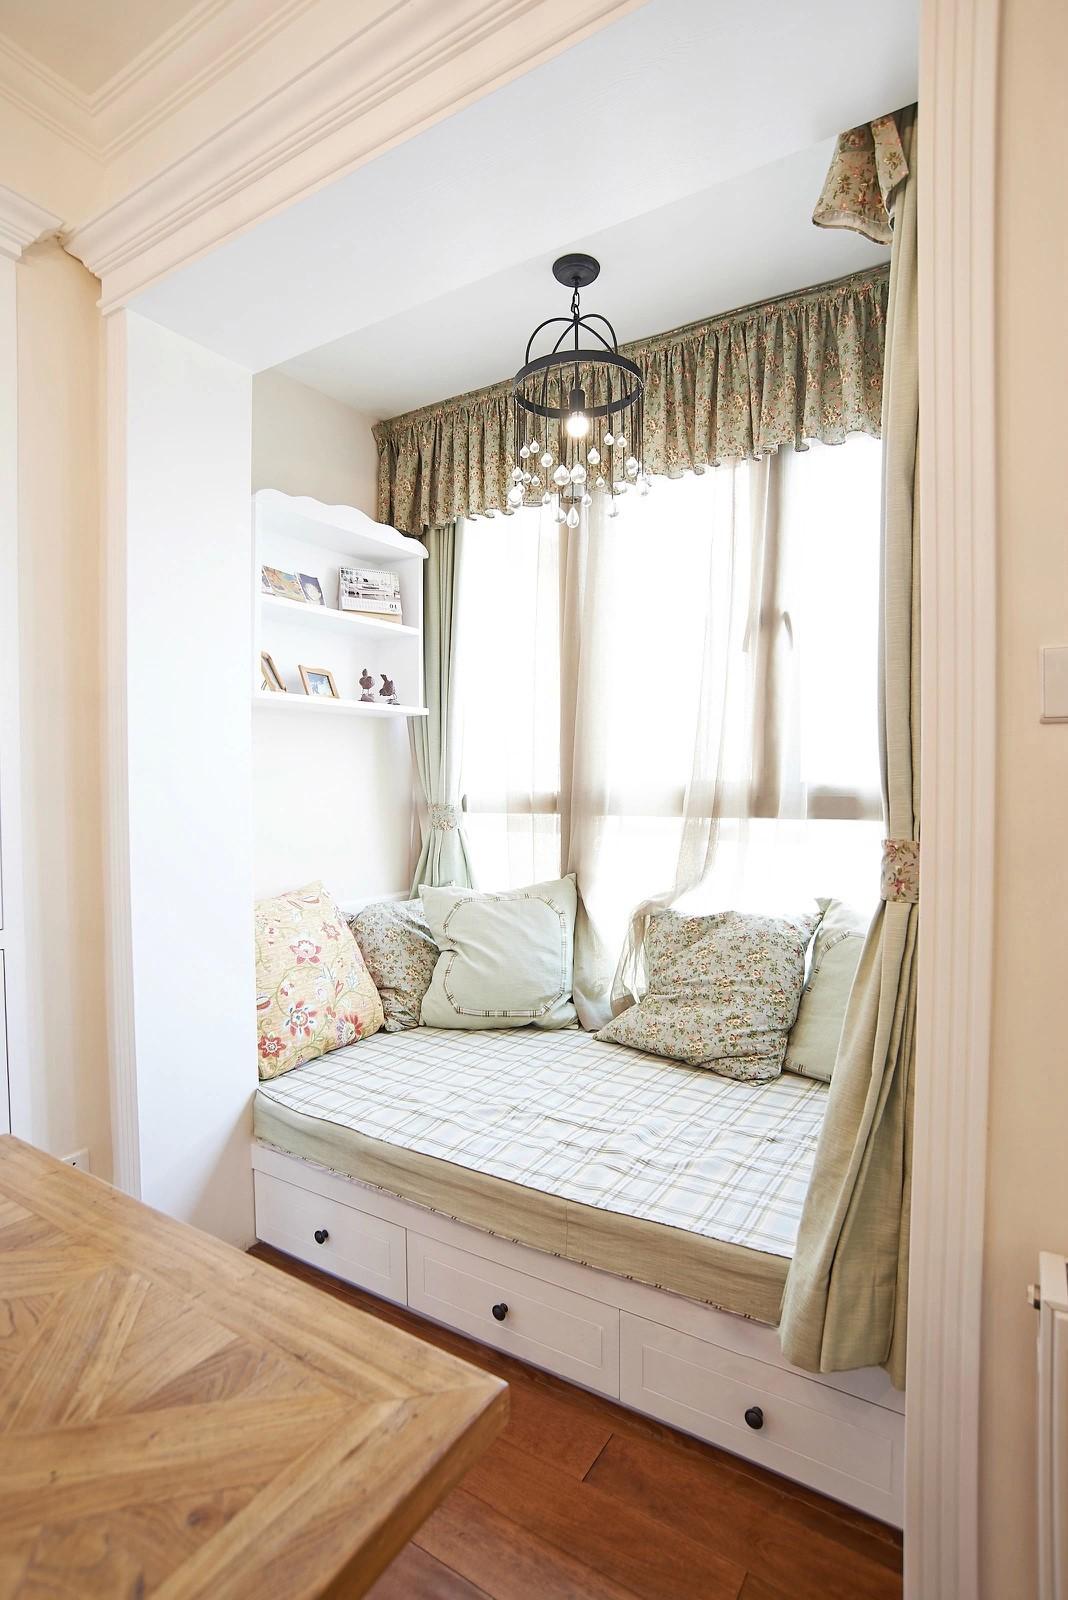 2020美式卧室装修设计图片 2020美式榻榻米装修设计